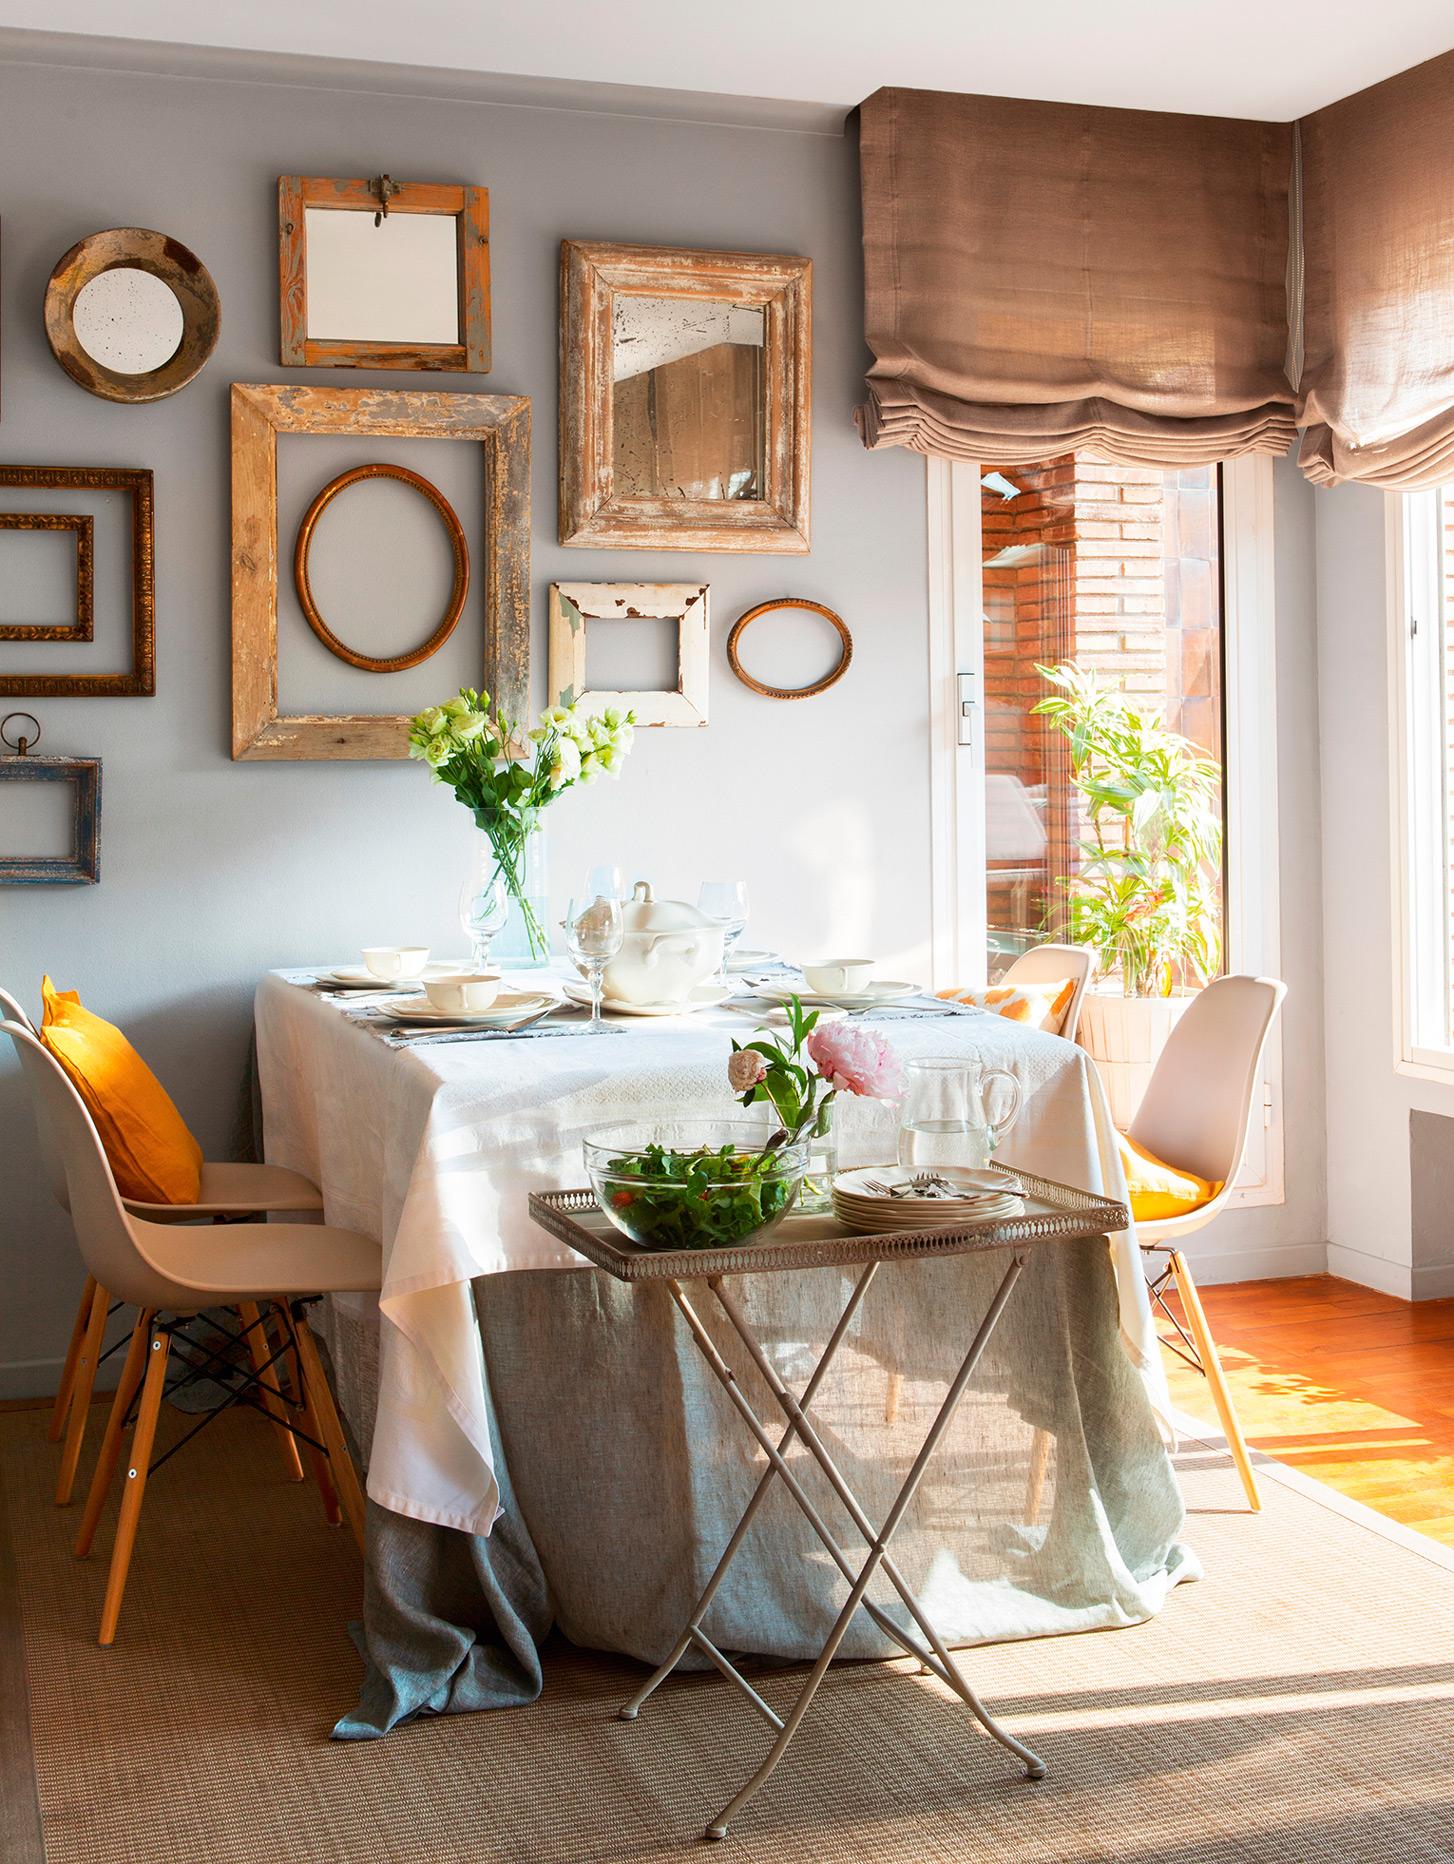 Comedor con sillas Eames, bandeja de metal con pie de tijera plegable, cuadros madera decapada y doble mantel